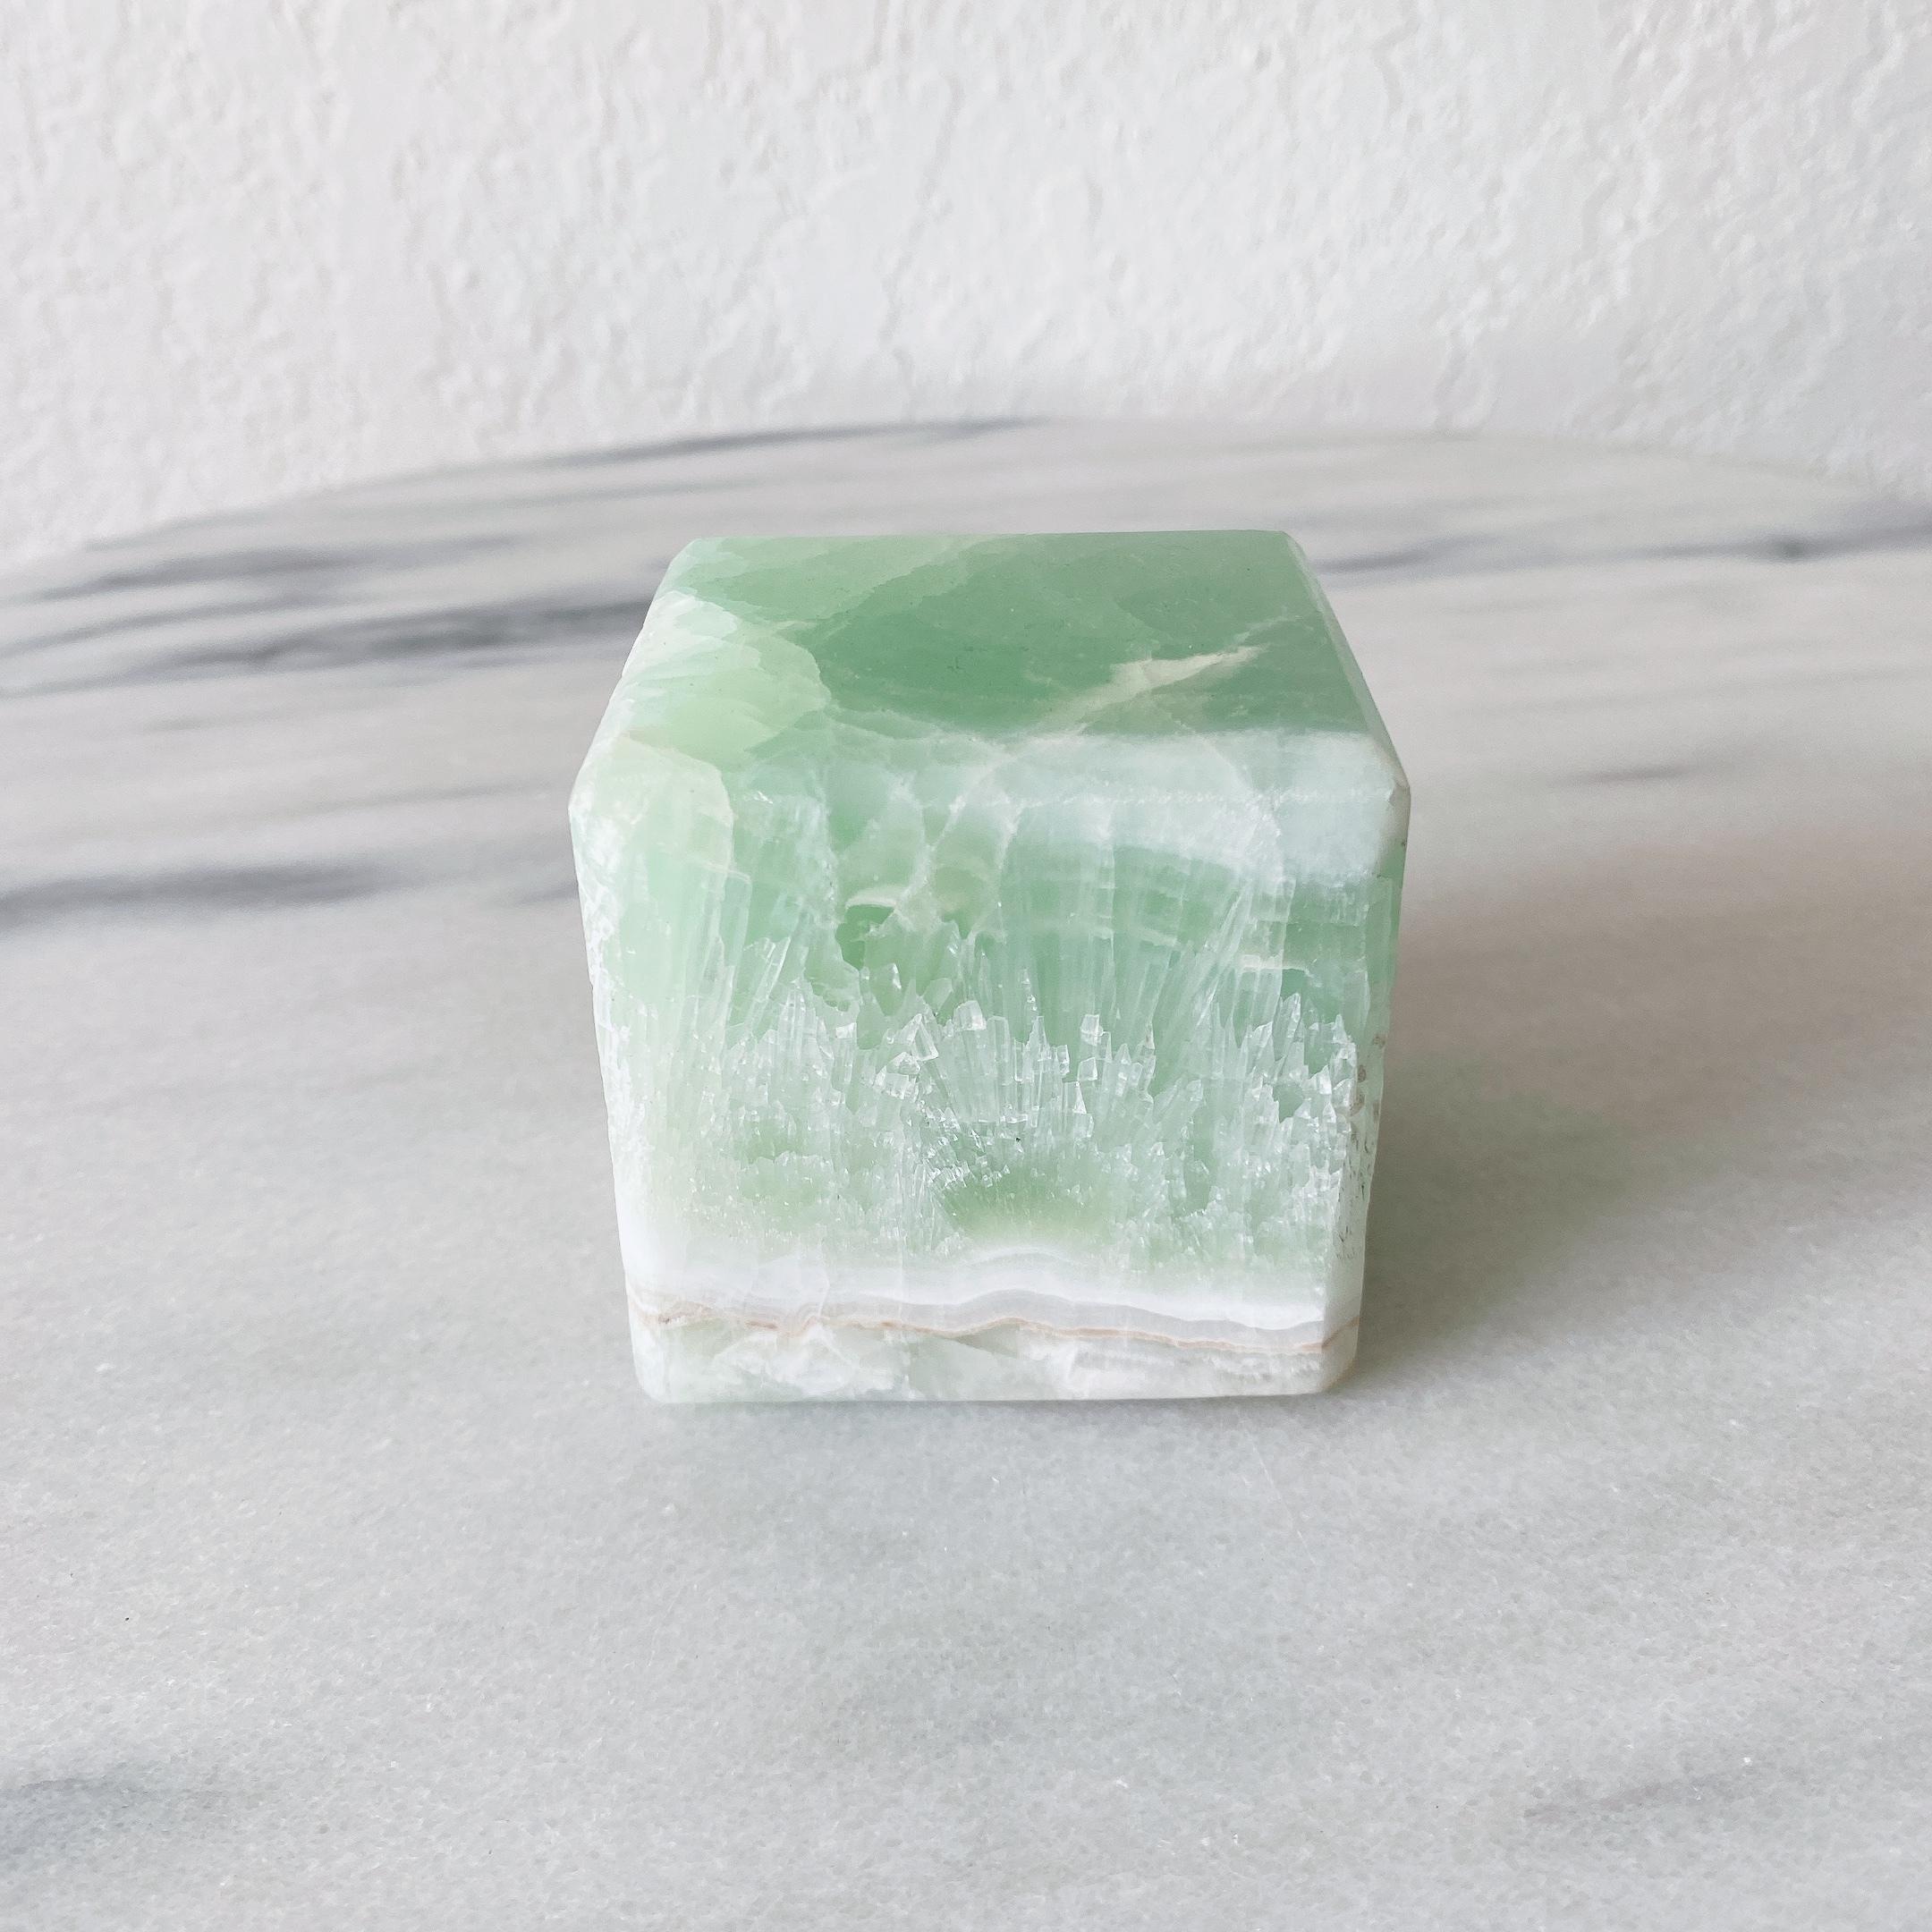 ピスタチオカルサイト 立方体キューブ CUBE Large 美品